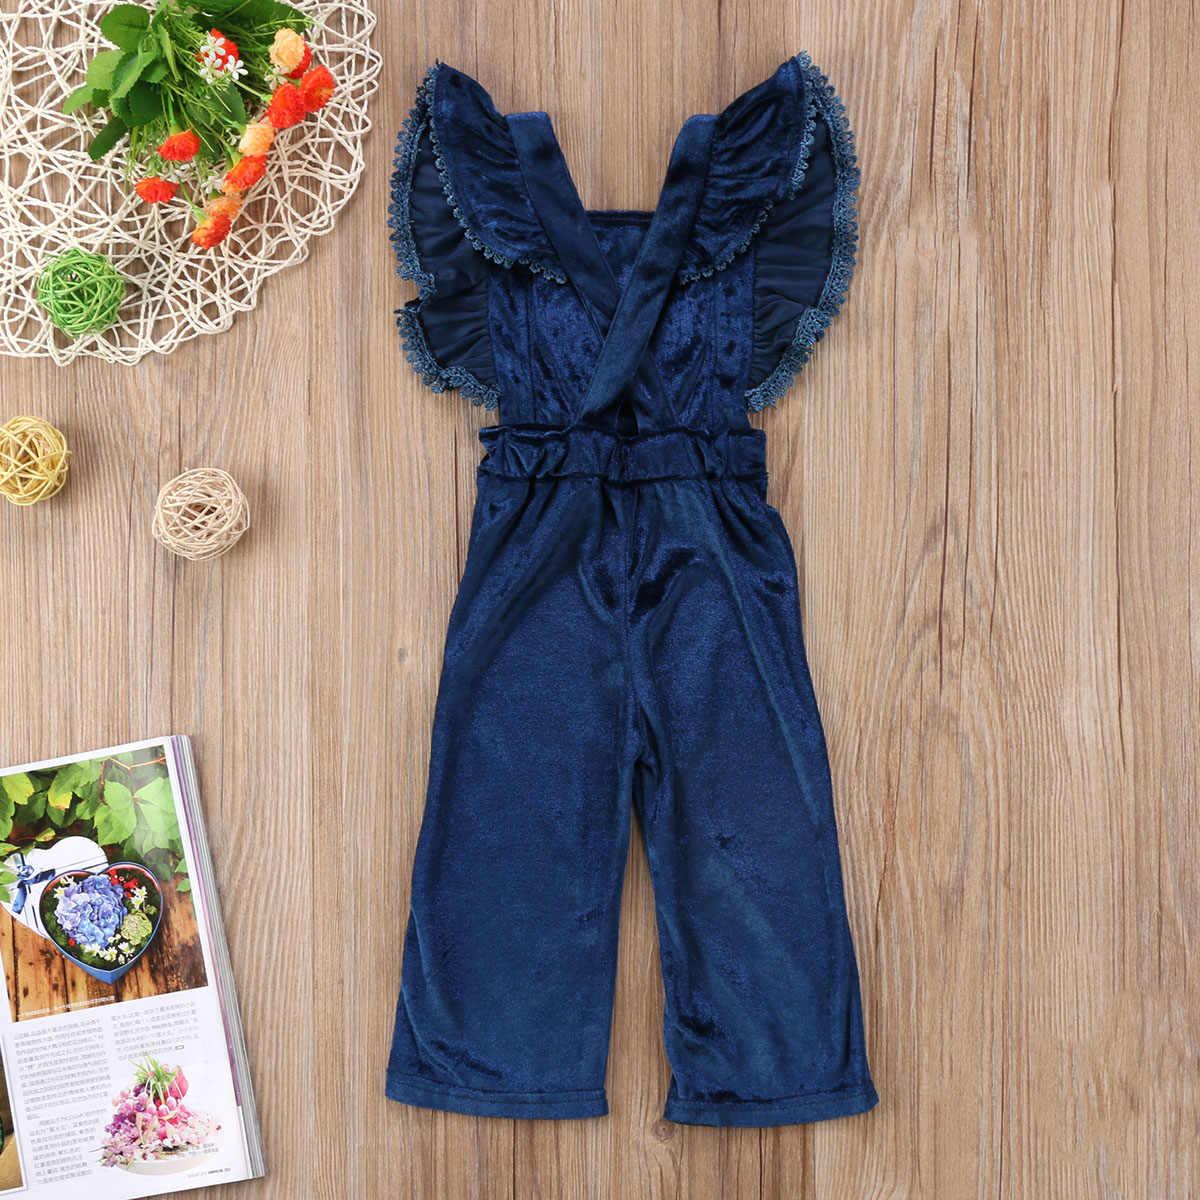 fb7a16429c9d7 PUDCOCO Newest Toddler Kids Girls Velvet Bib Pants Backless Pop Romper  Jumpsuit Outfits summer Unique Suit 0-6Y